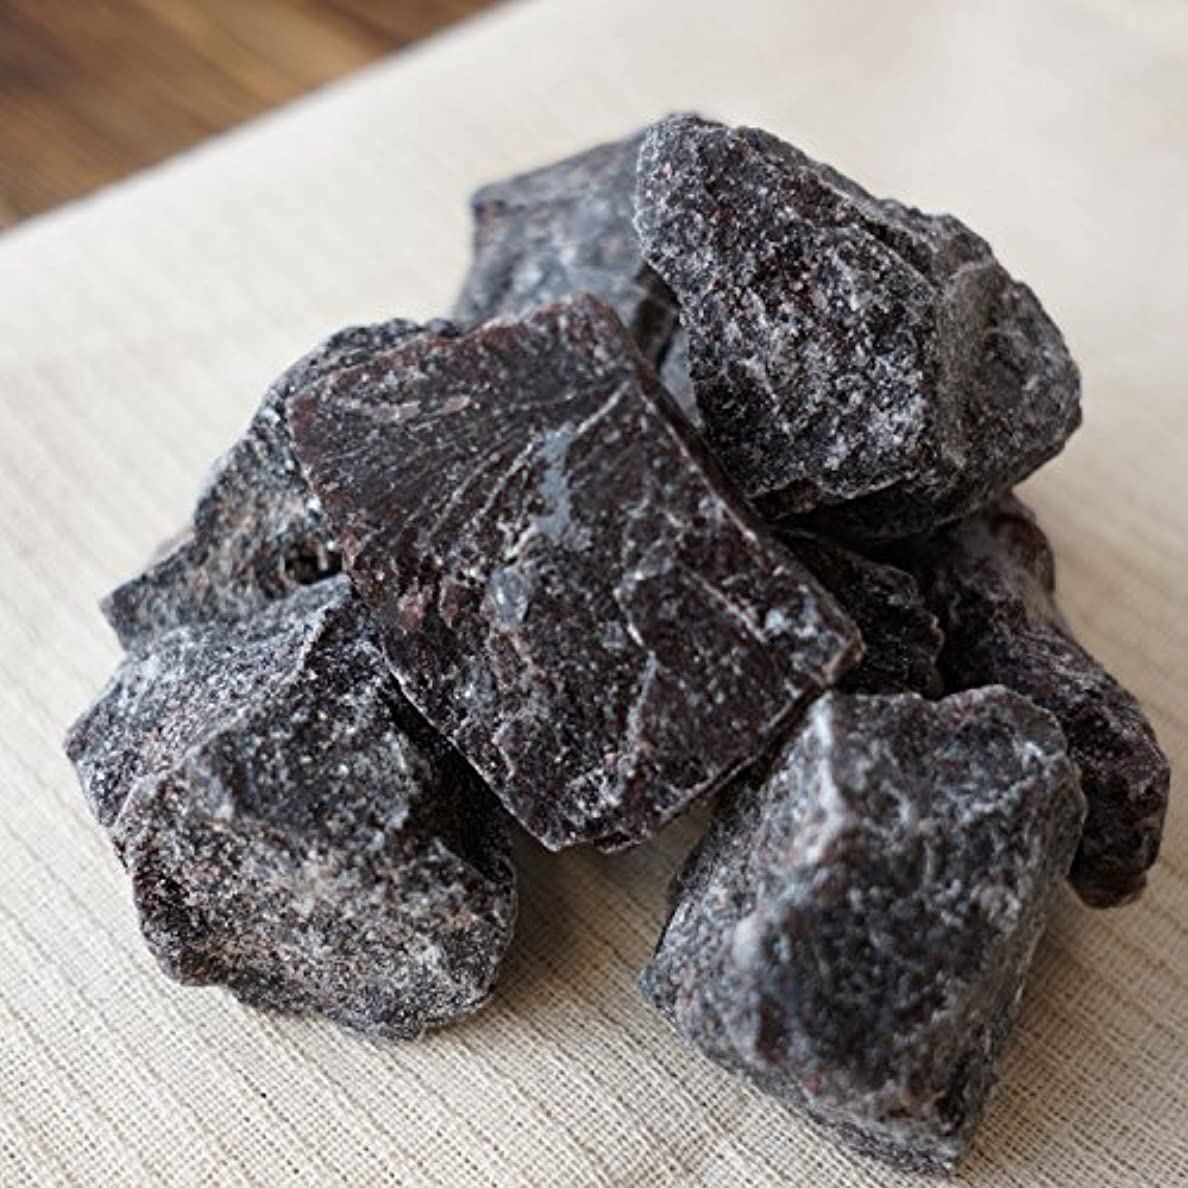 花弁祝う補正希少 インド岩塩 ルビー ブロック 約2-5cm 5,000g 原料